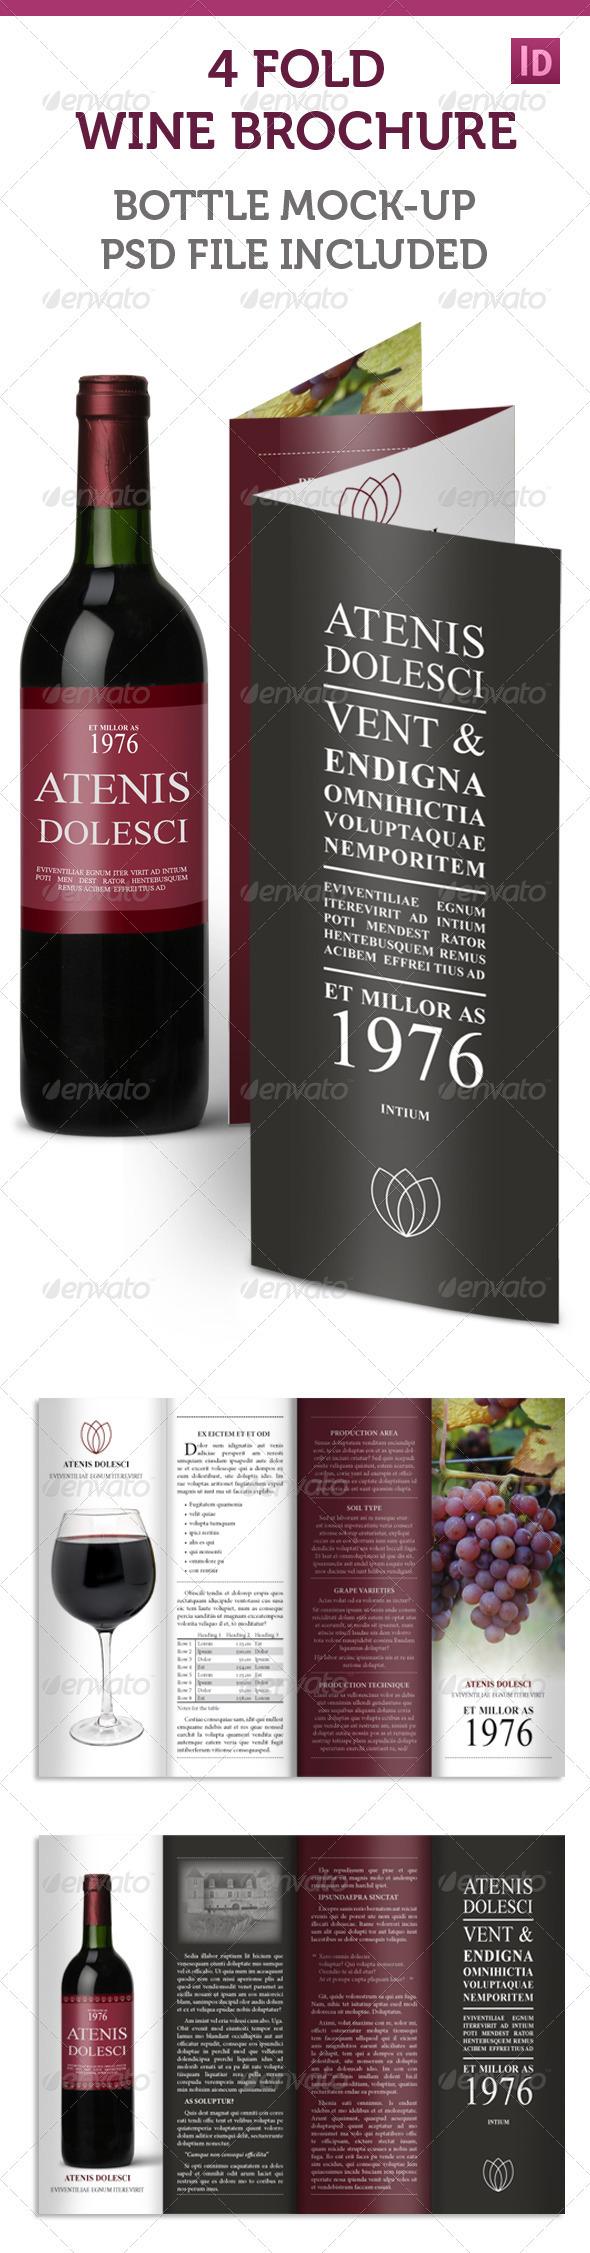 wine brochures zeslokatk